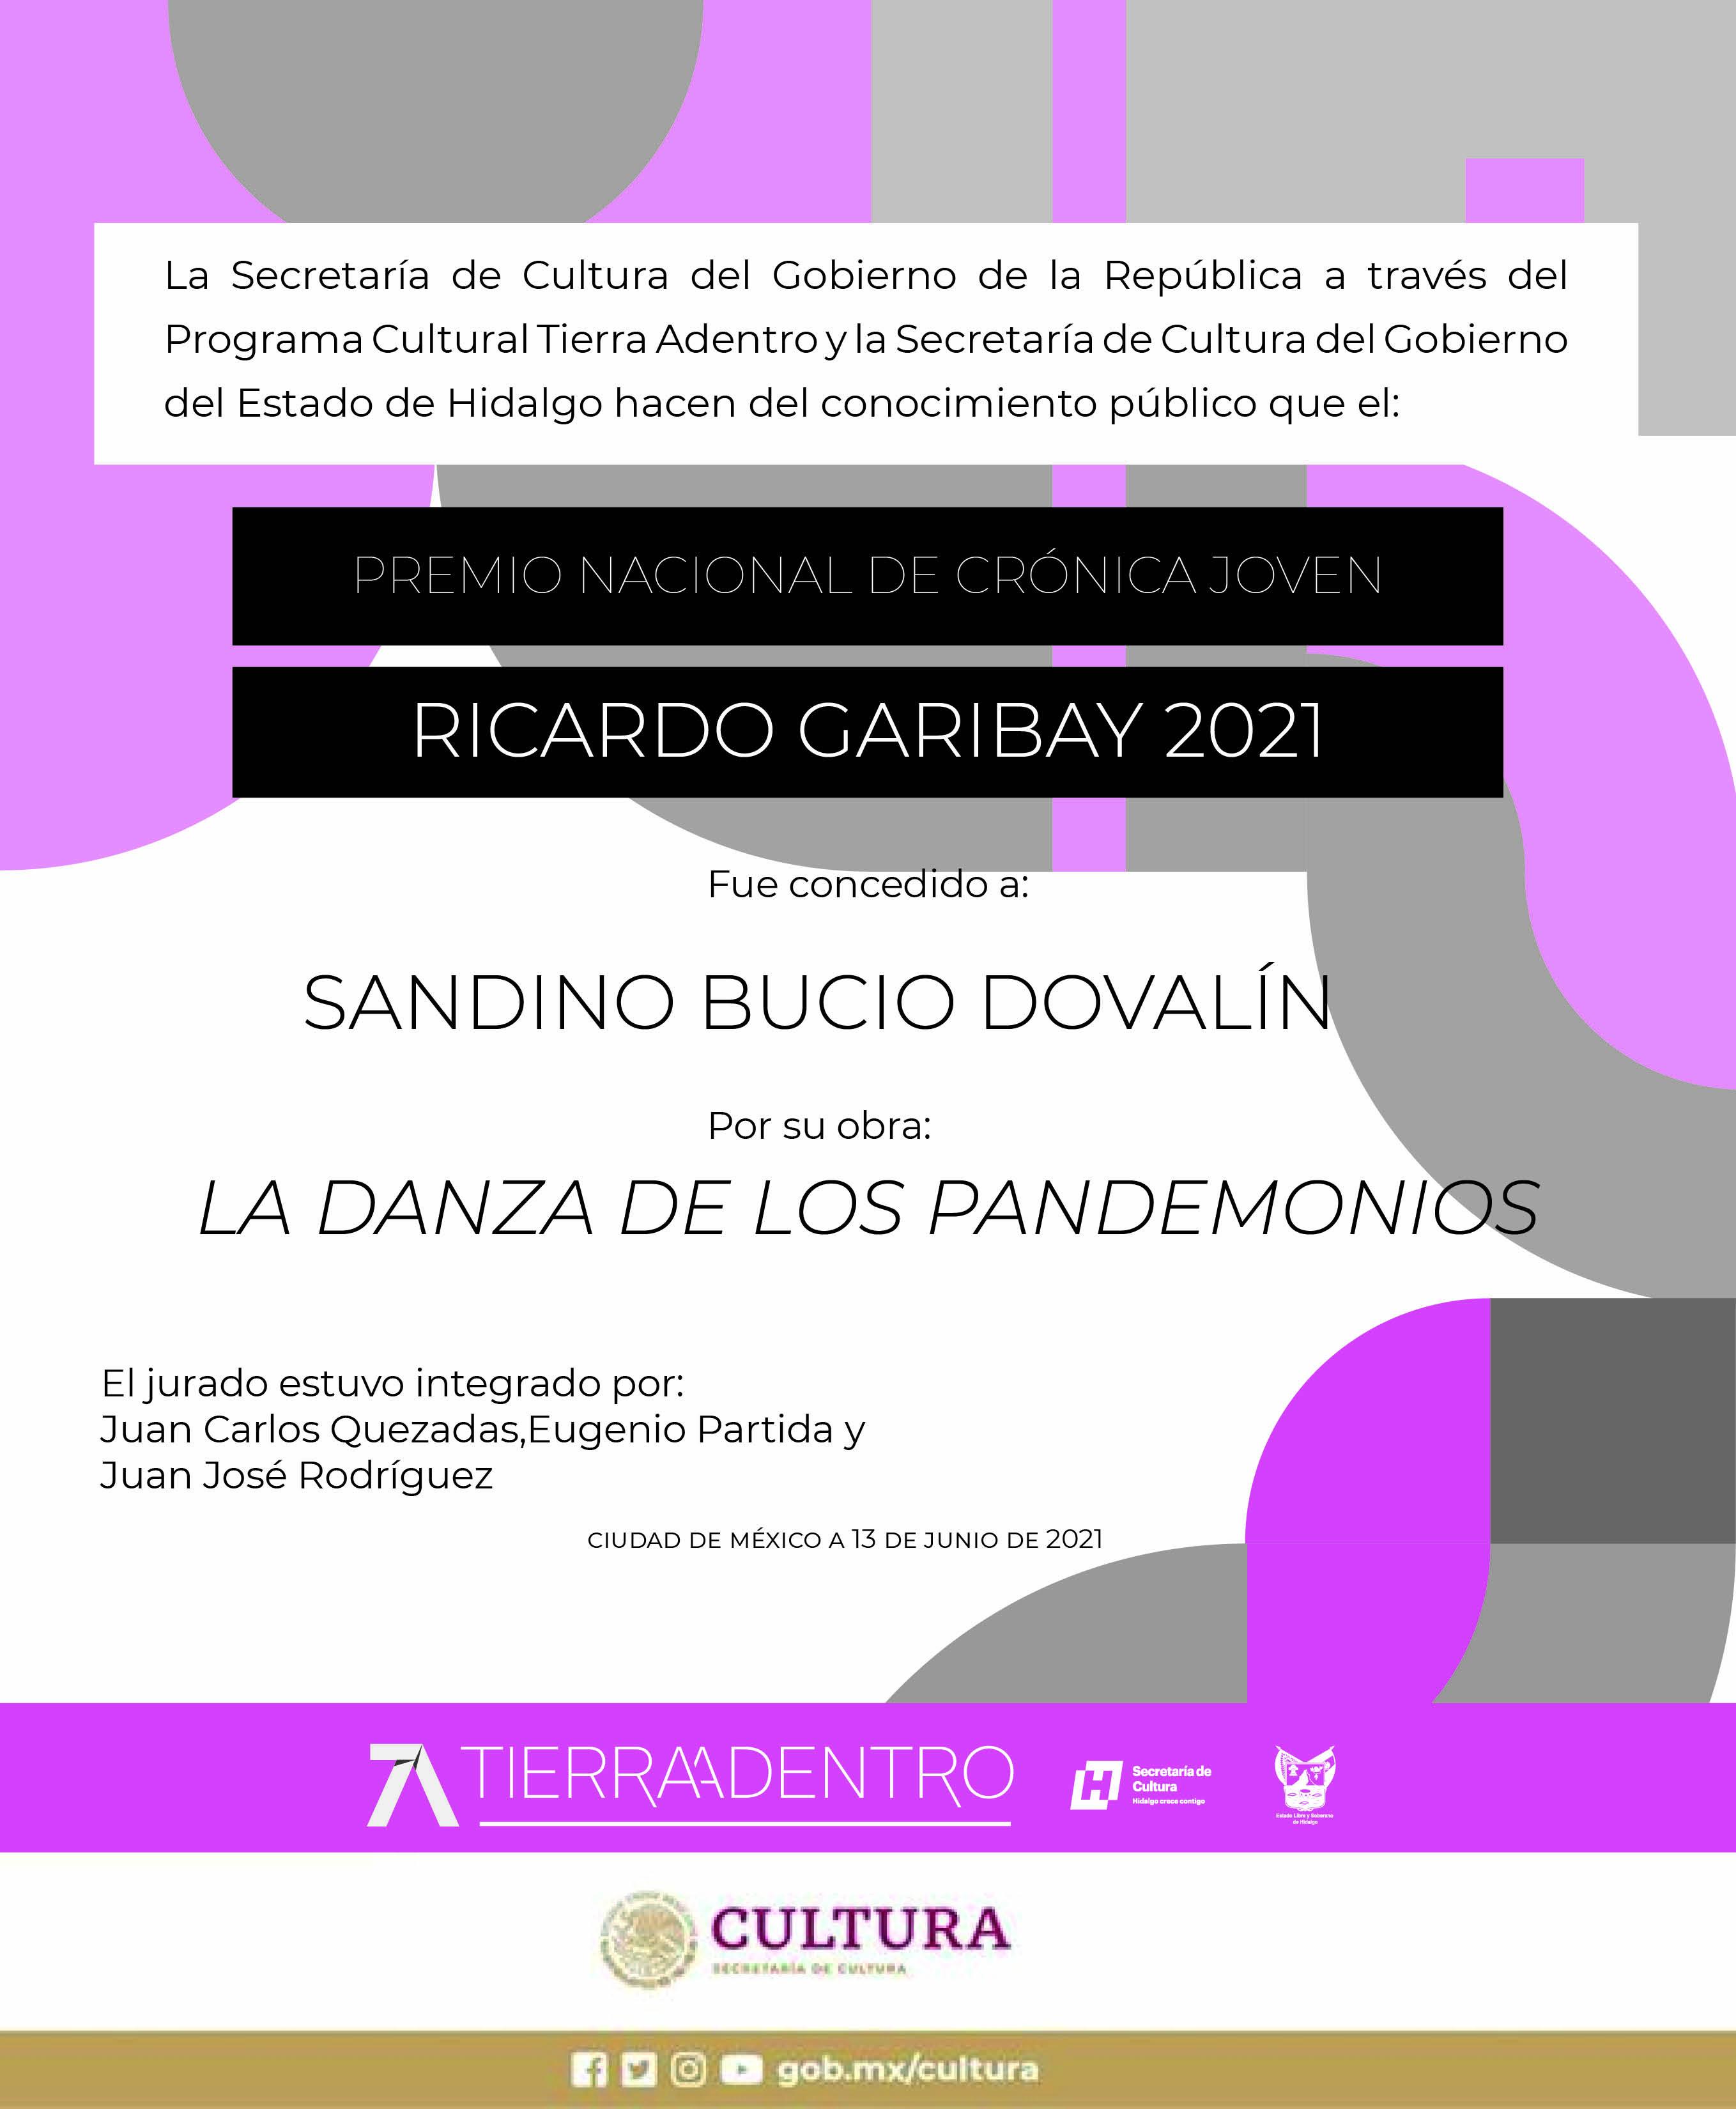 Ricardo Garibay 2021